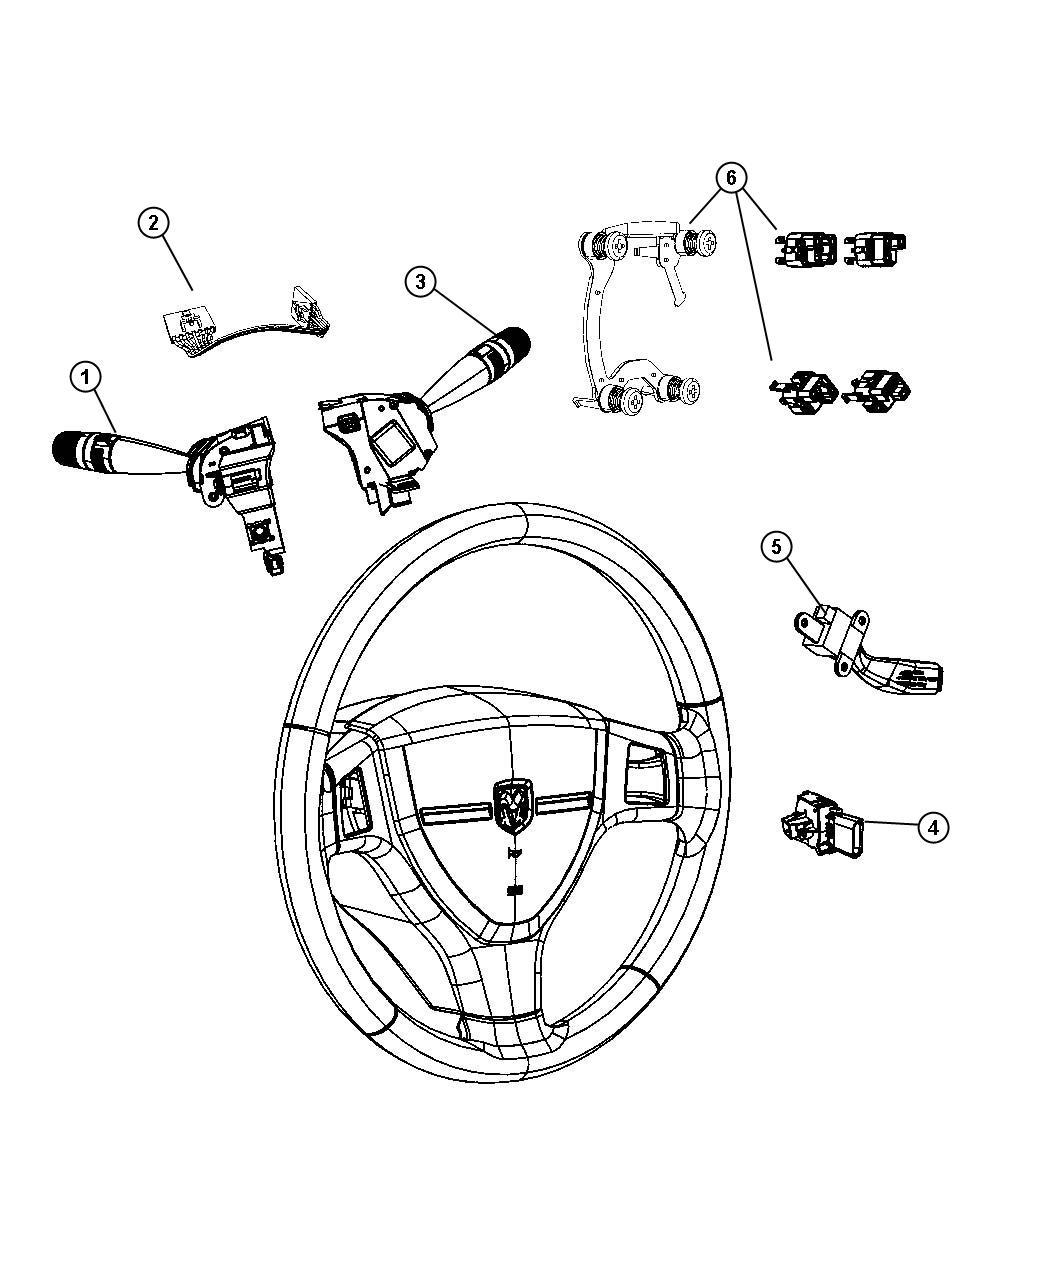 Chrysler Pt Cruiser Switch. Horn. [steering wheel]. Trim